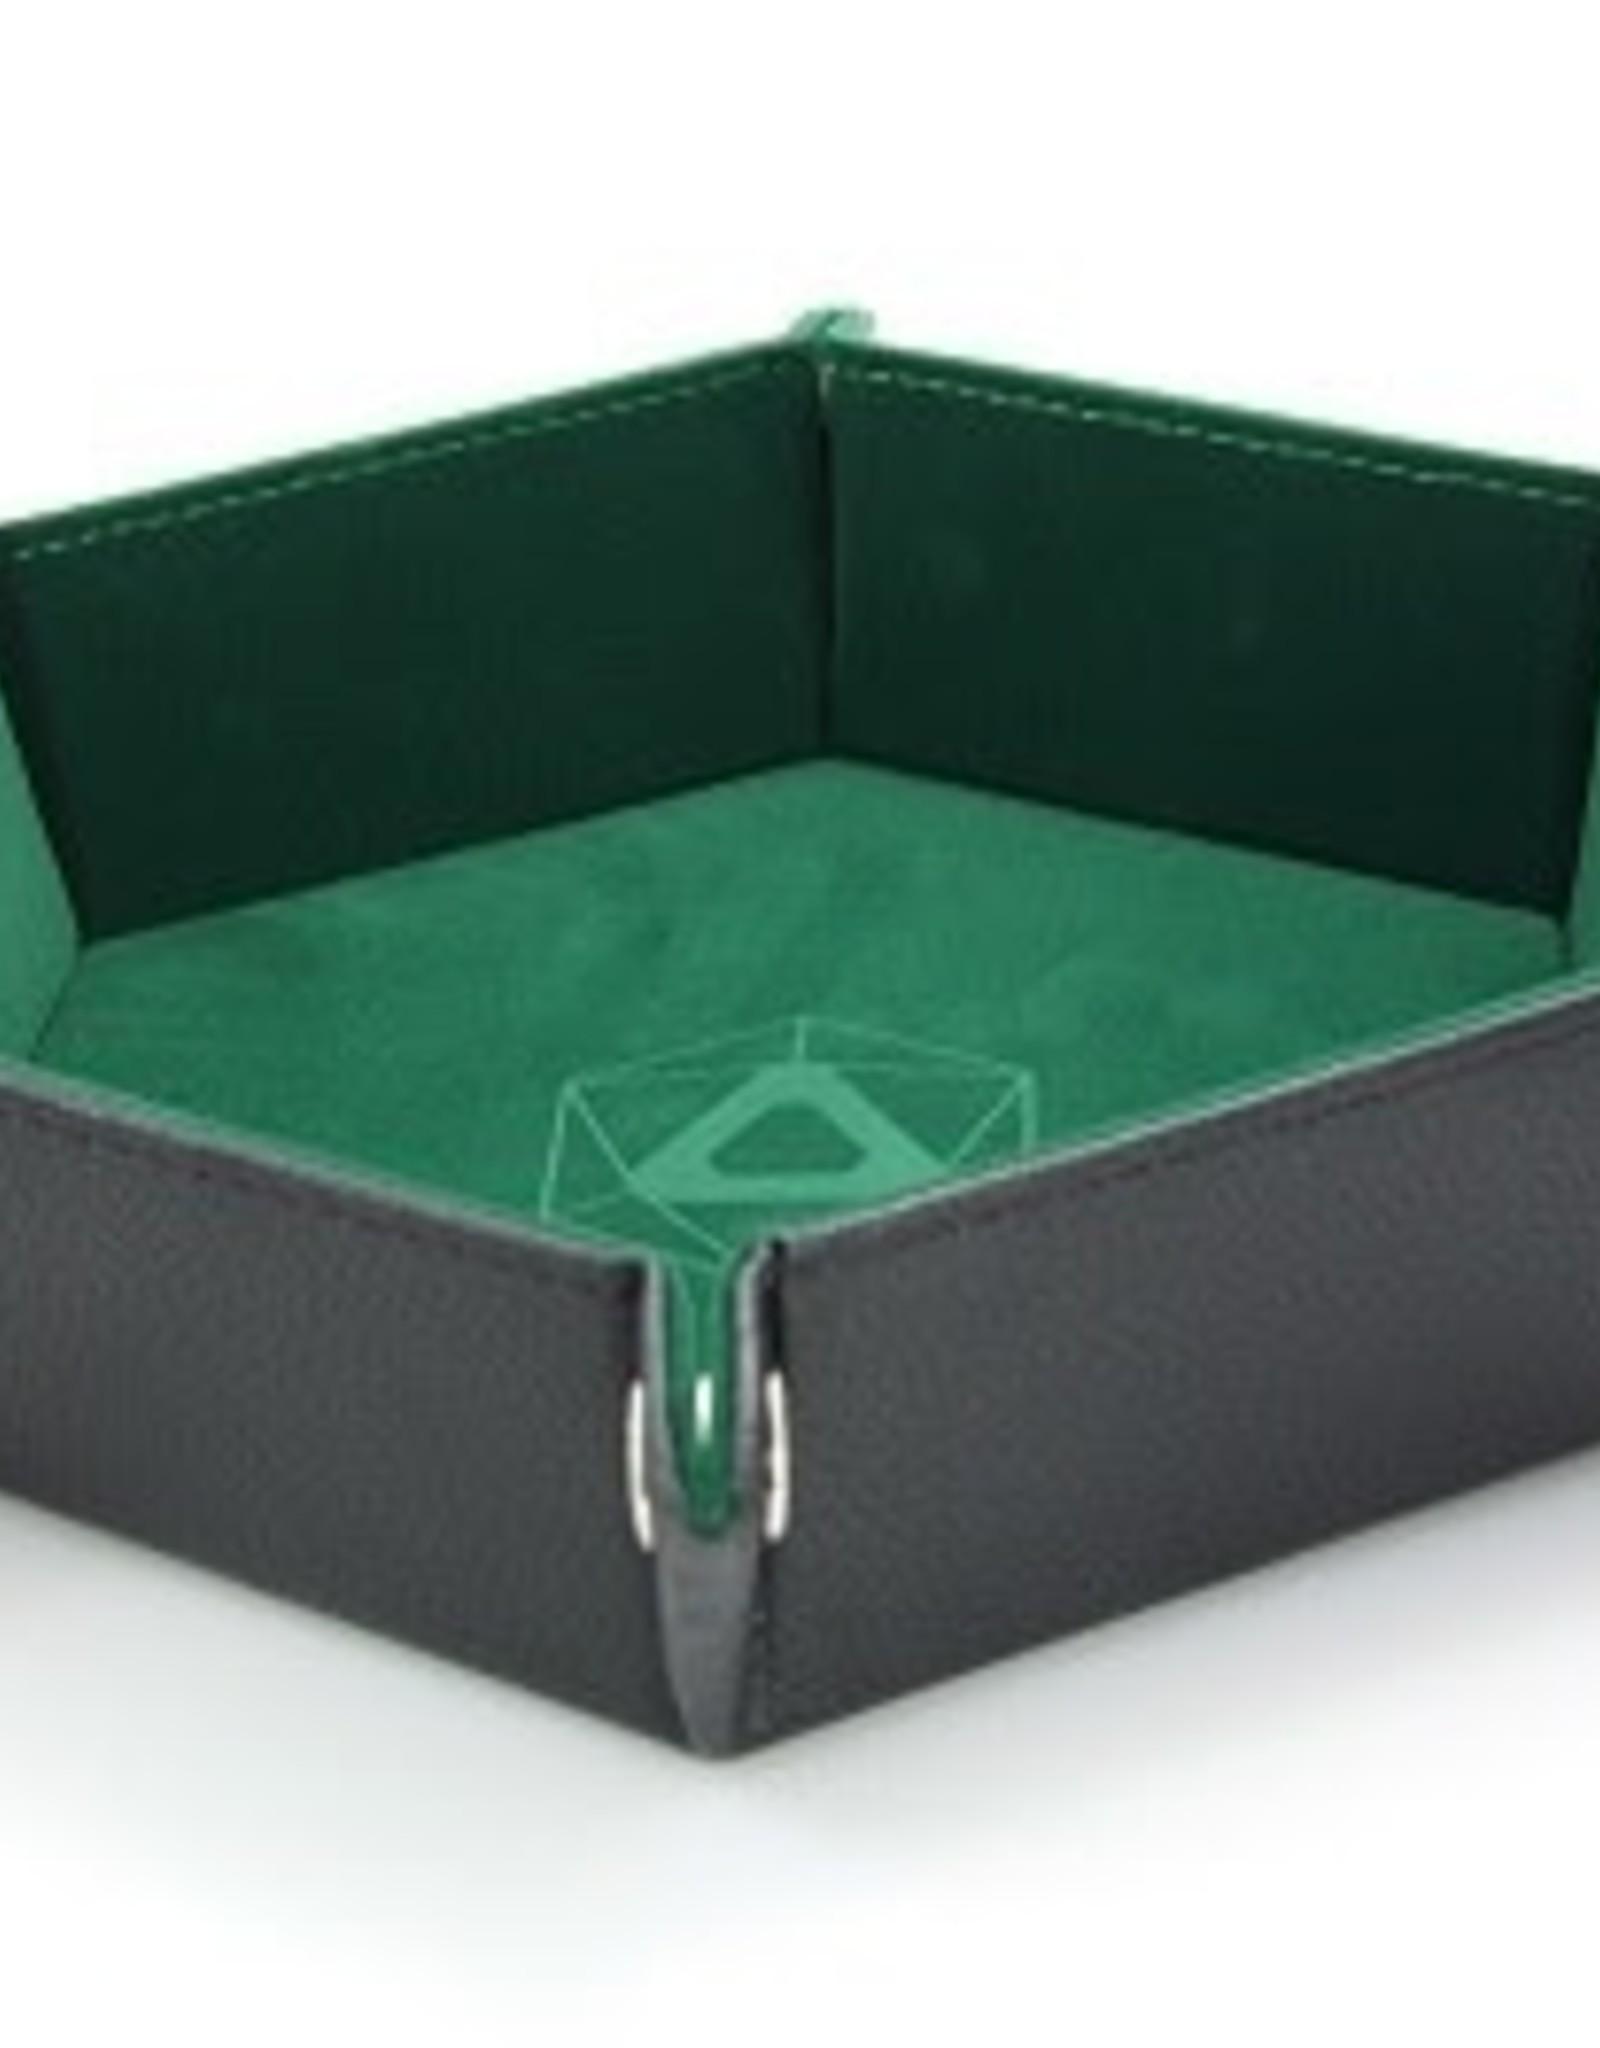 Die Hard Folding Hex Tray Green Velvet